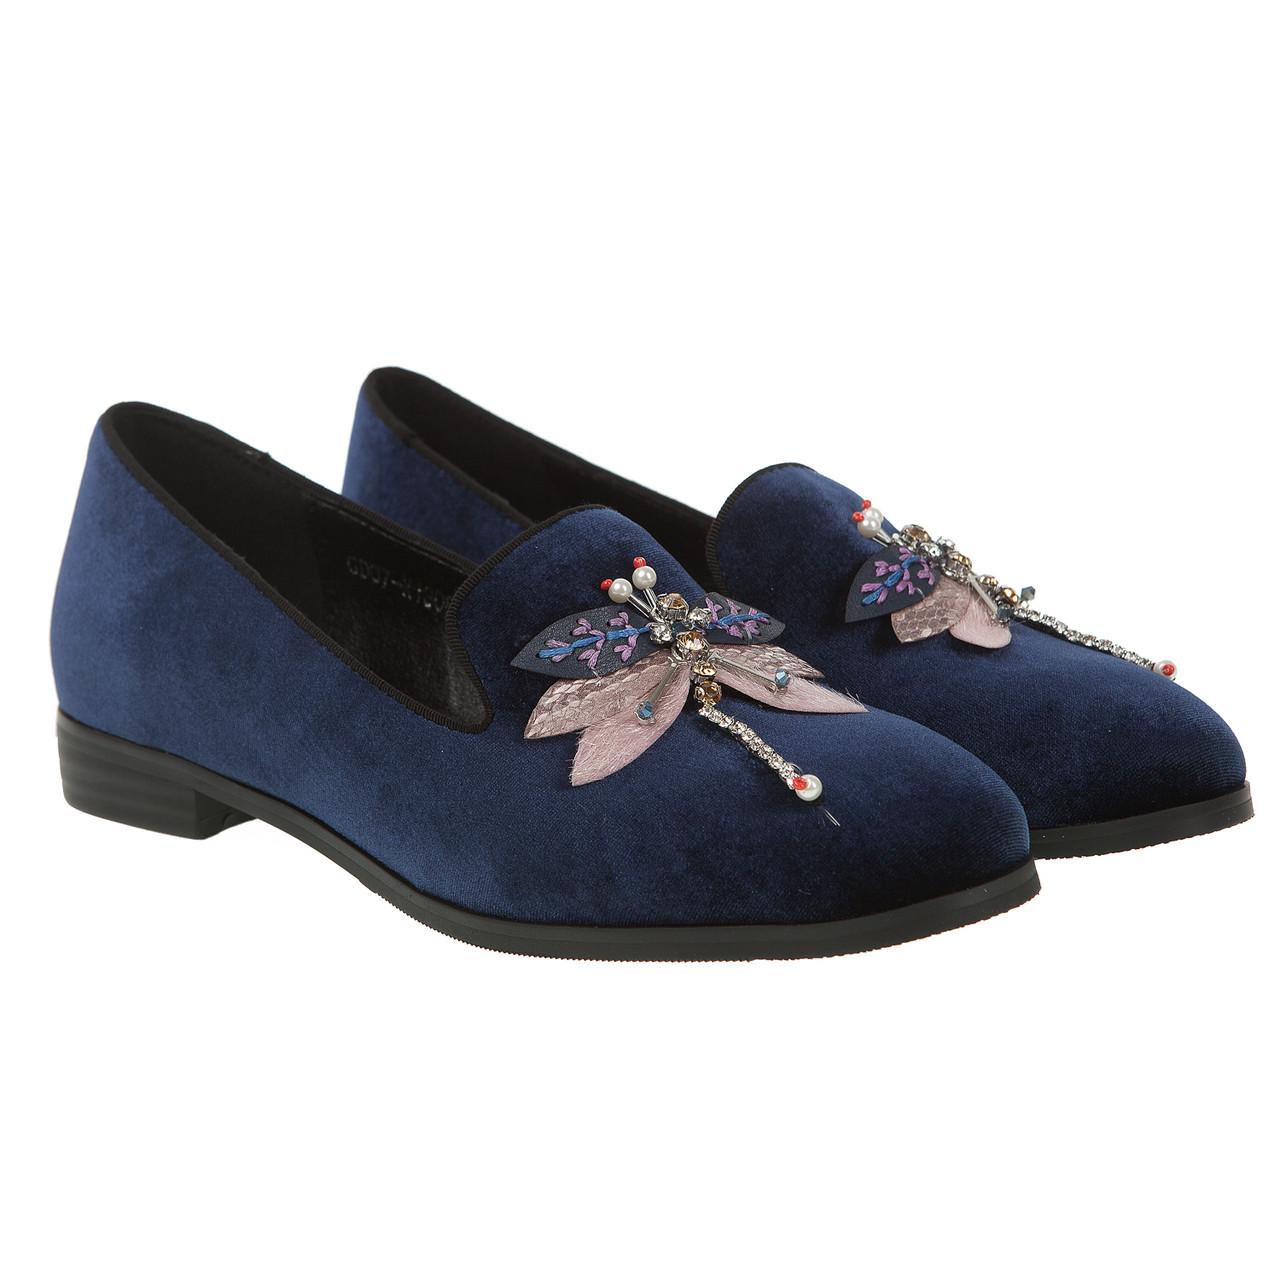 Туфли женские Summergirl (синие, велюровые, с оригинальным декором, удобные)